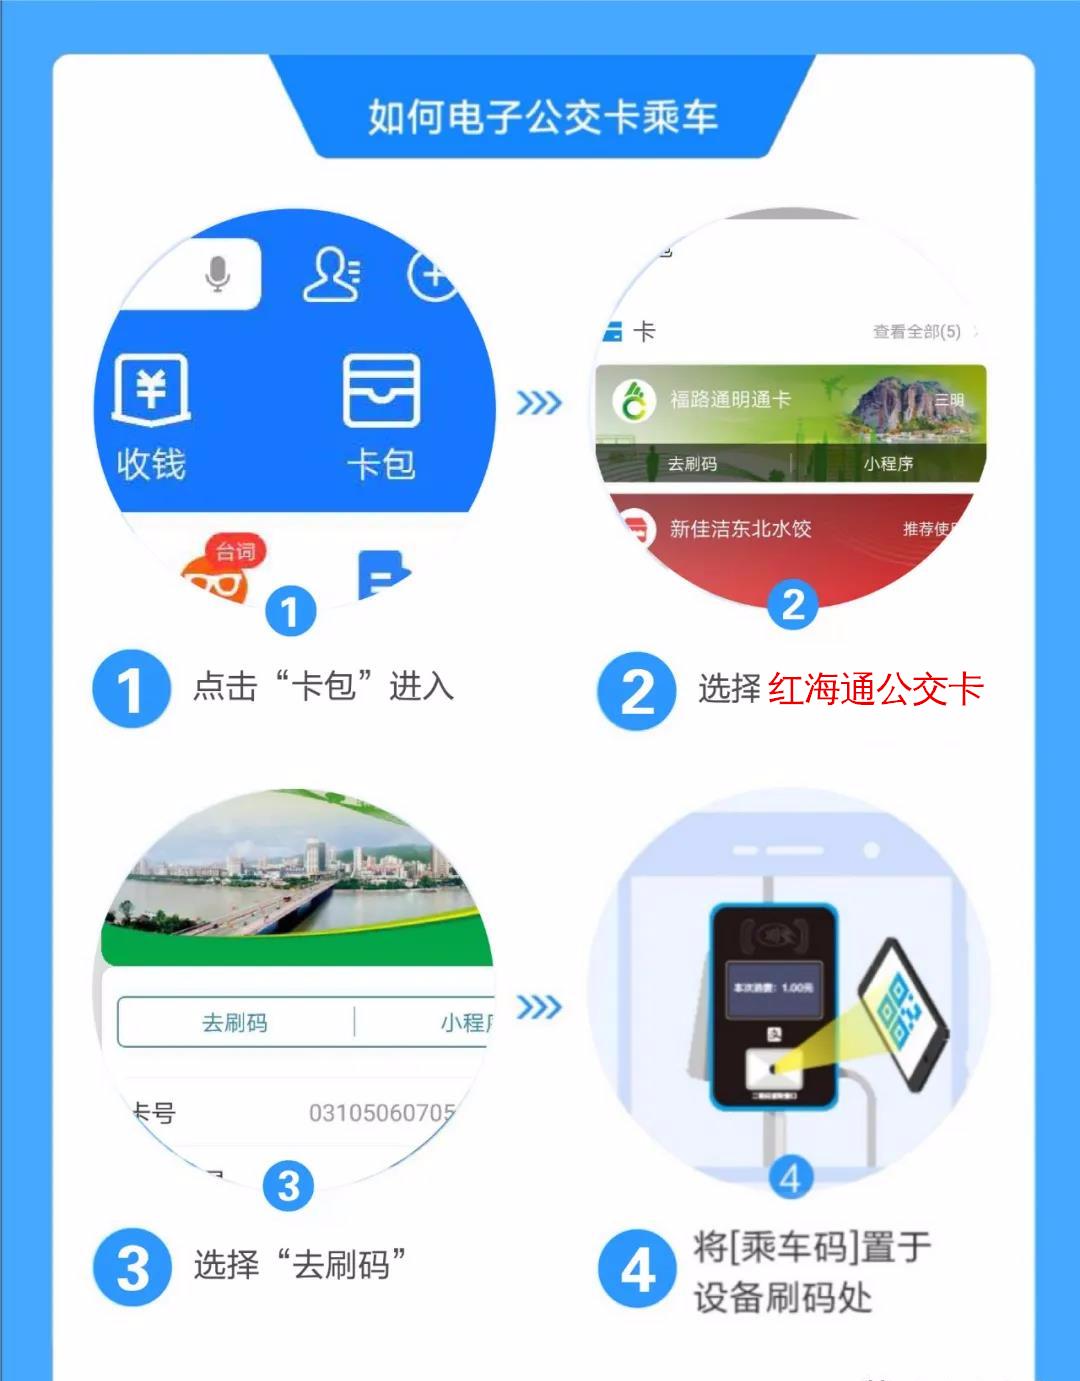 汕尾公交支持支付宝扫码乘车 汕尾新闻 第2张